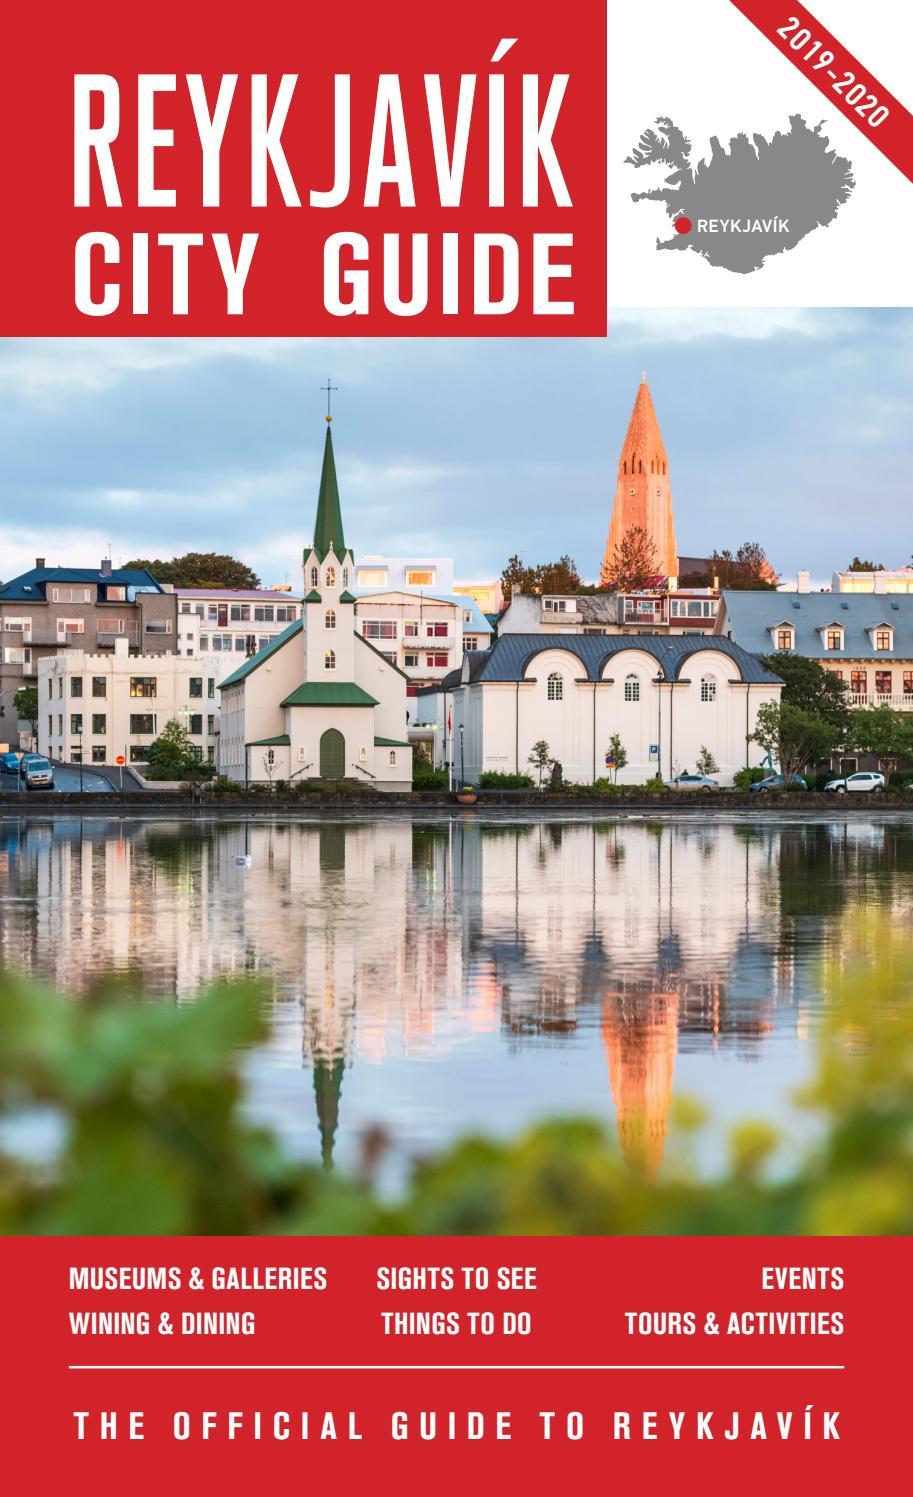 4ou Tour Dates 2020 Reykjavík City Guide 2019 2020 by MD Reykjavik   issuu